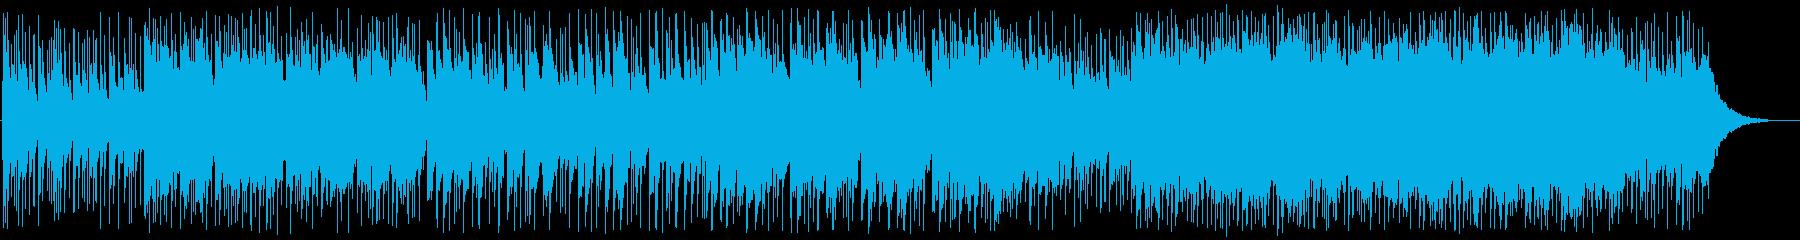 アーバンシティポップの再生済みの波形